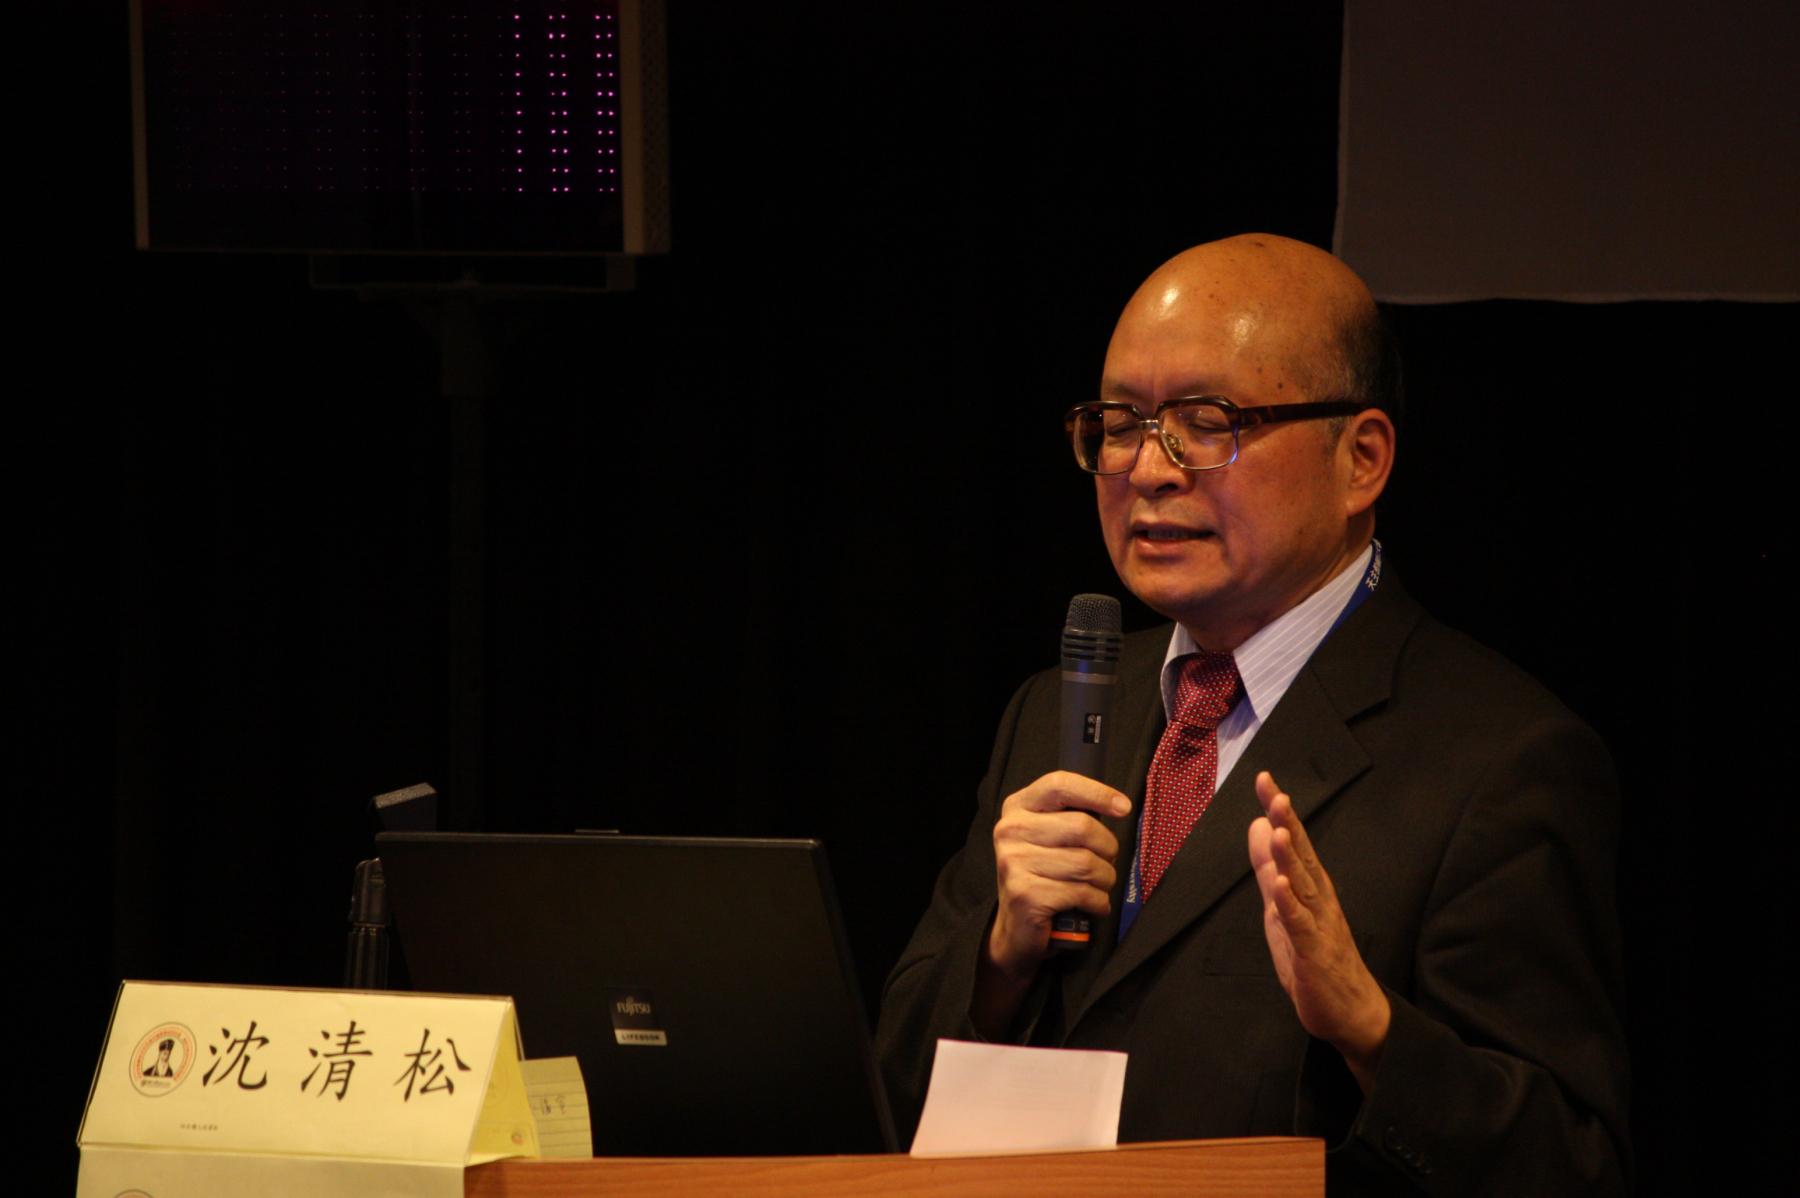 201004紀念利瑪竇逝世四百週年國際學術研討會-40